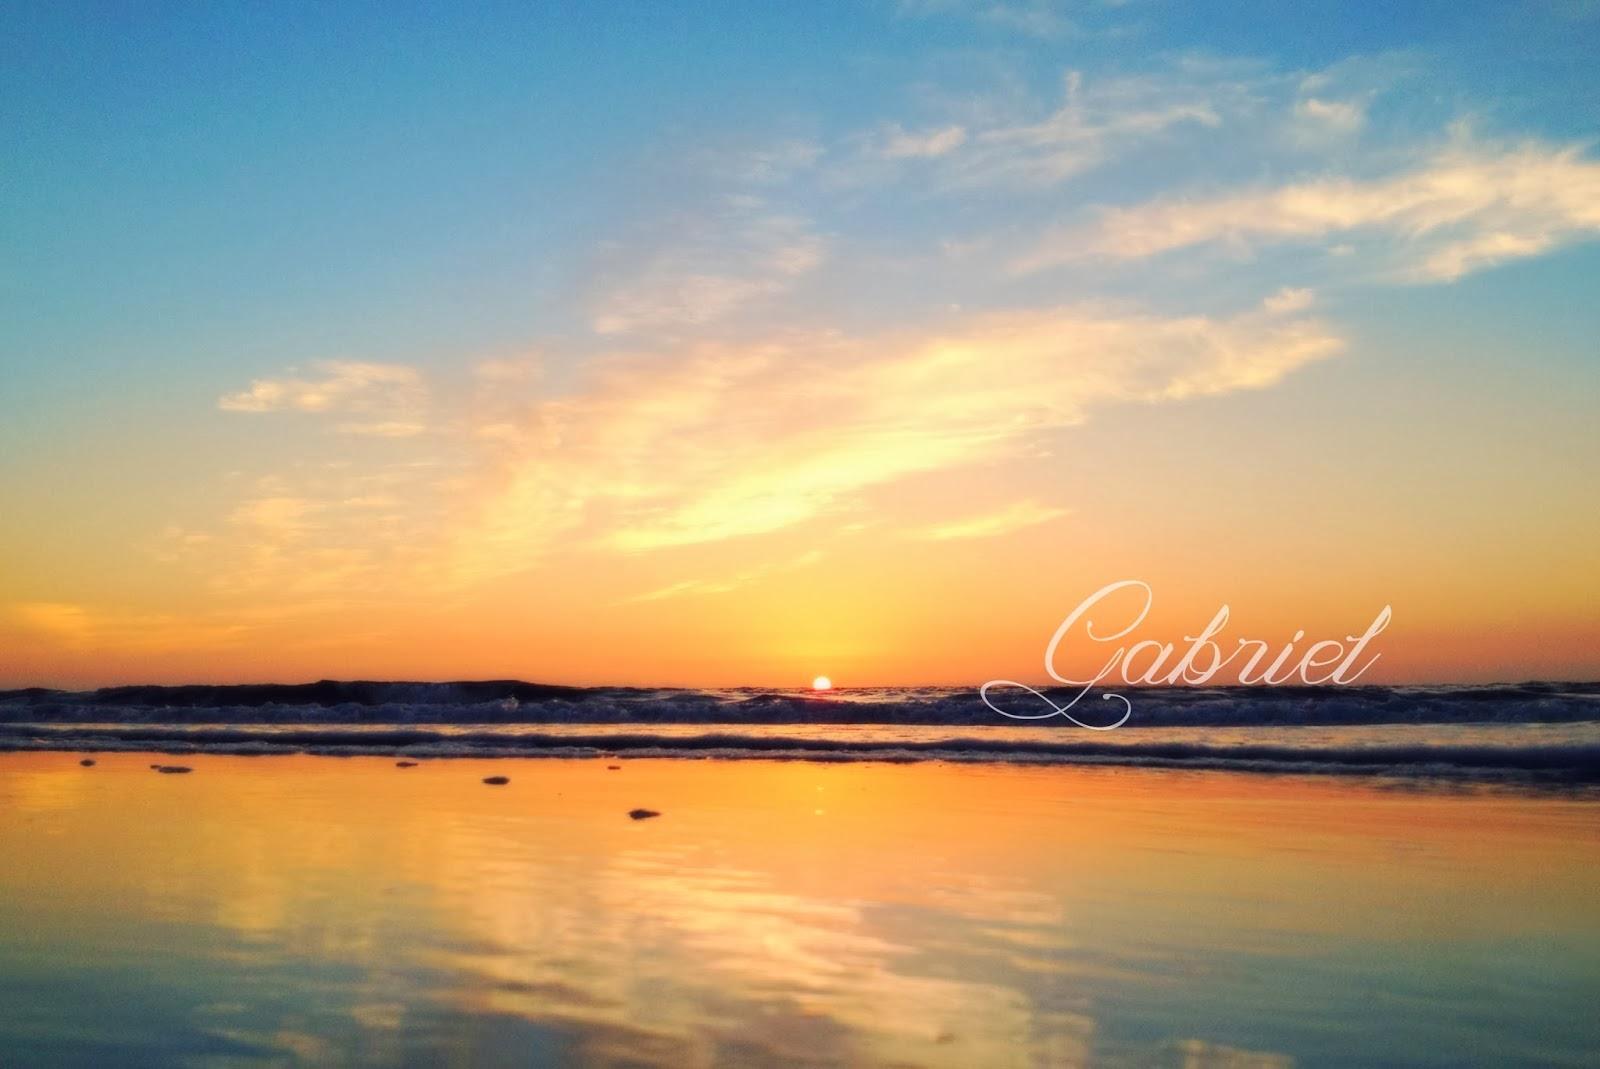 http://thesacredshore.blogspot.com/